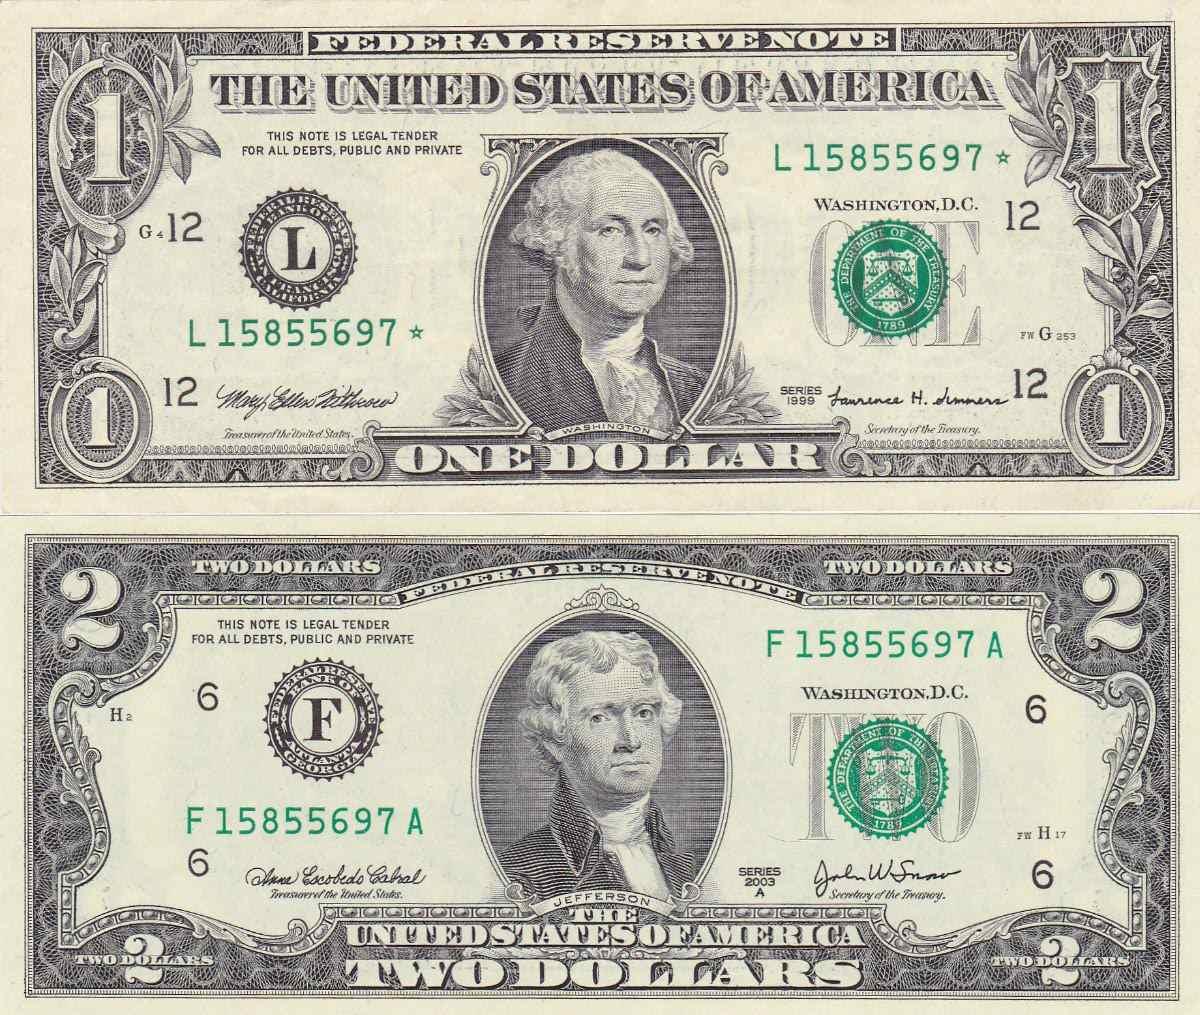 ¿Dónde se utiliza el dólar?